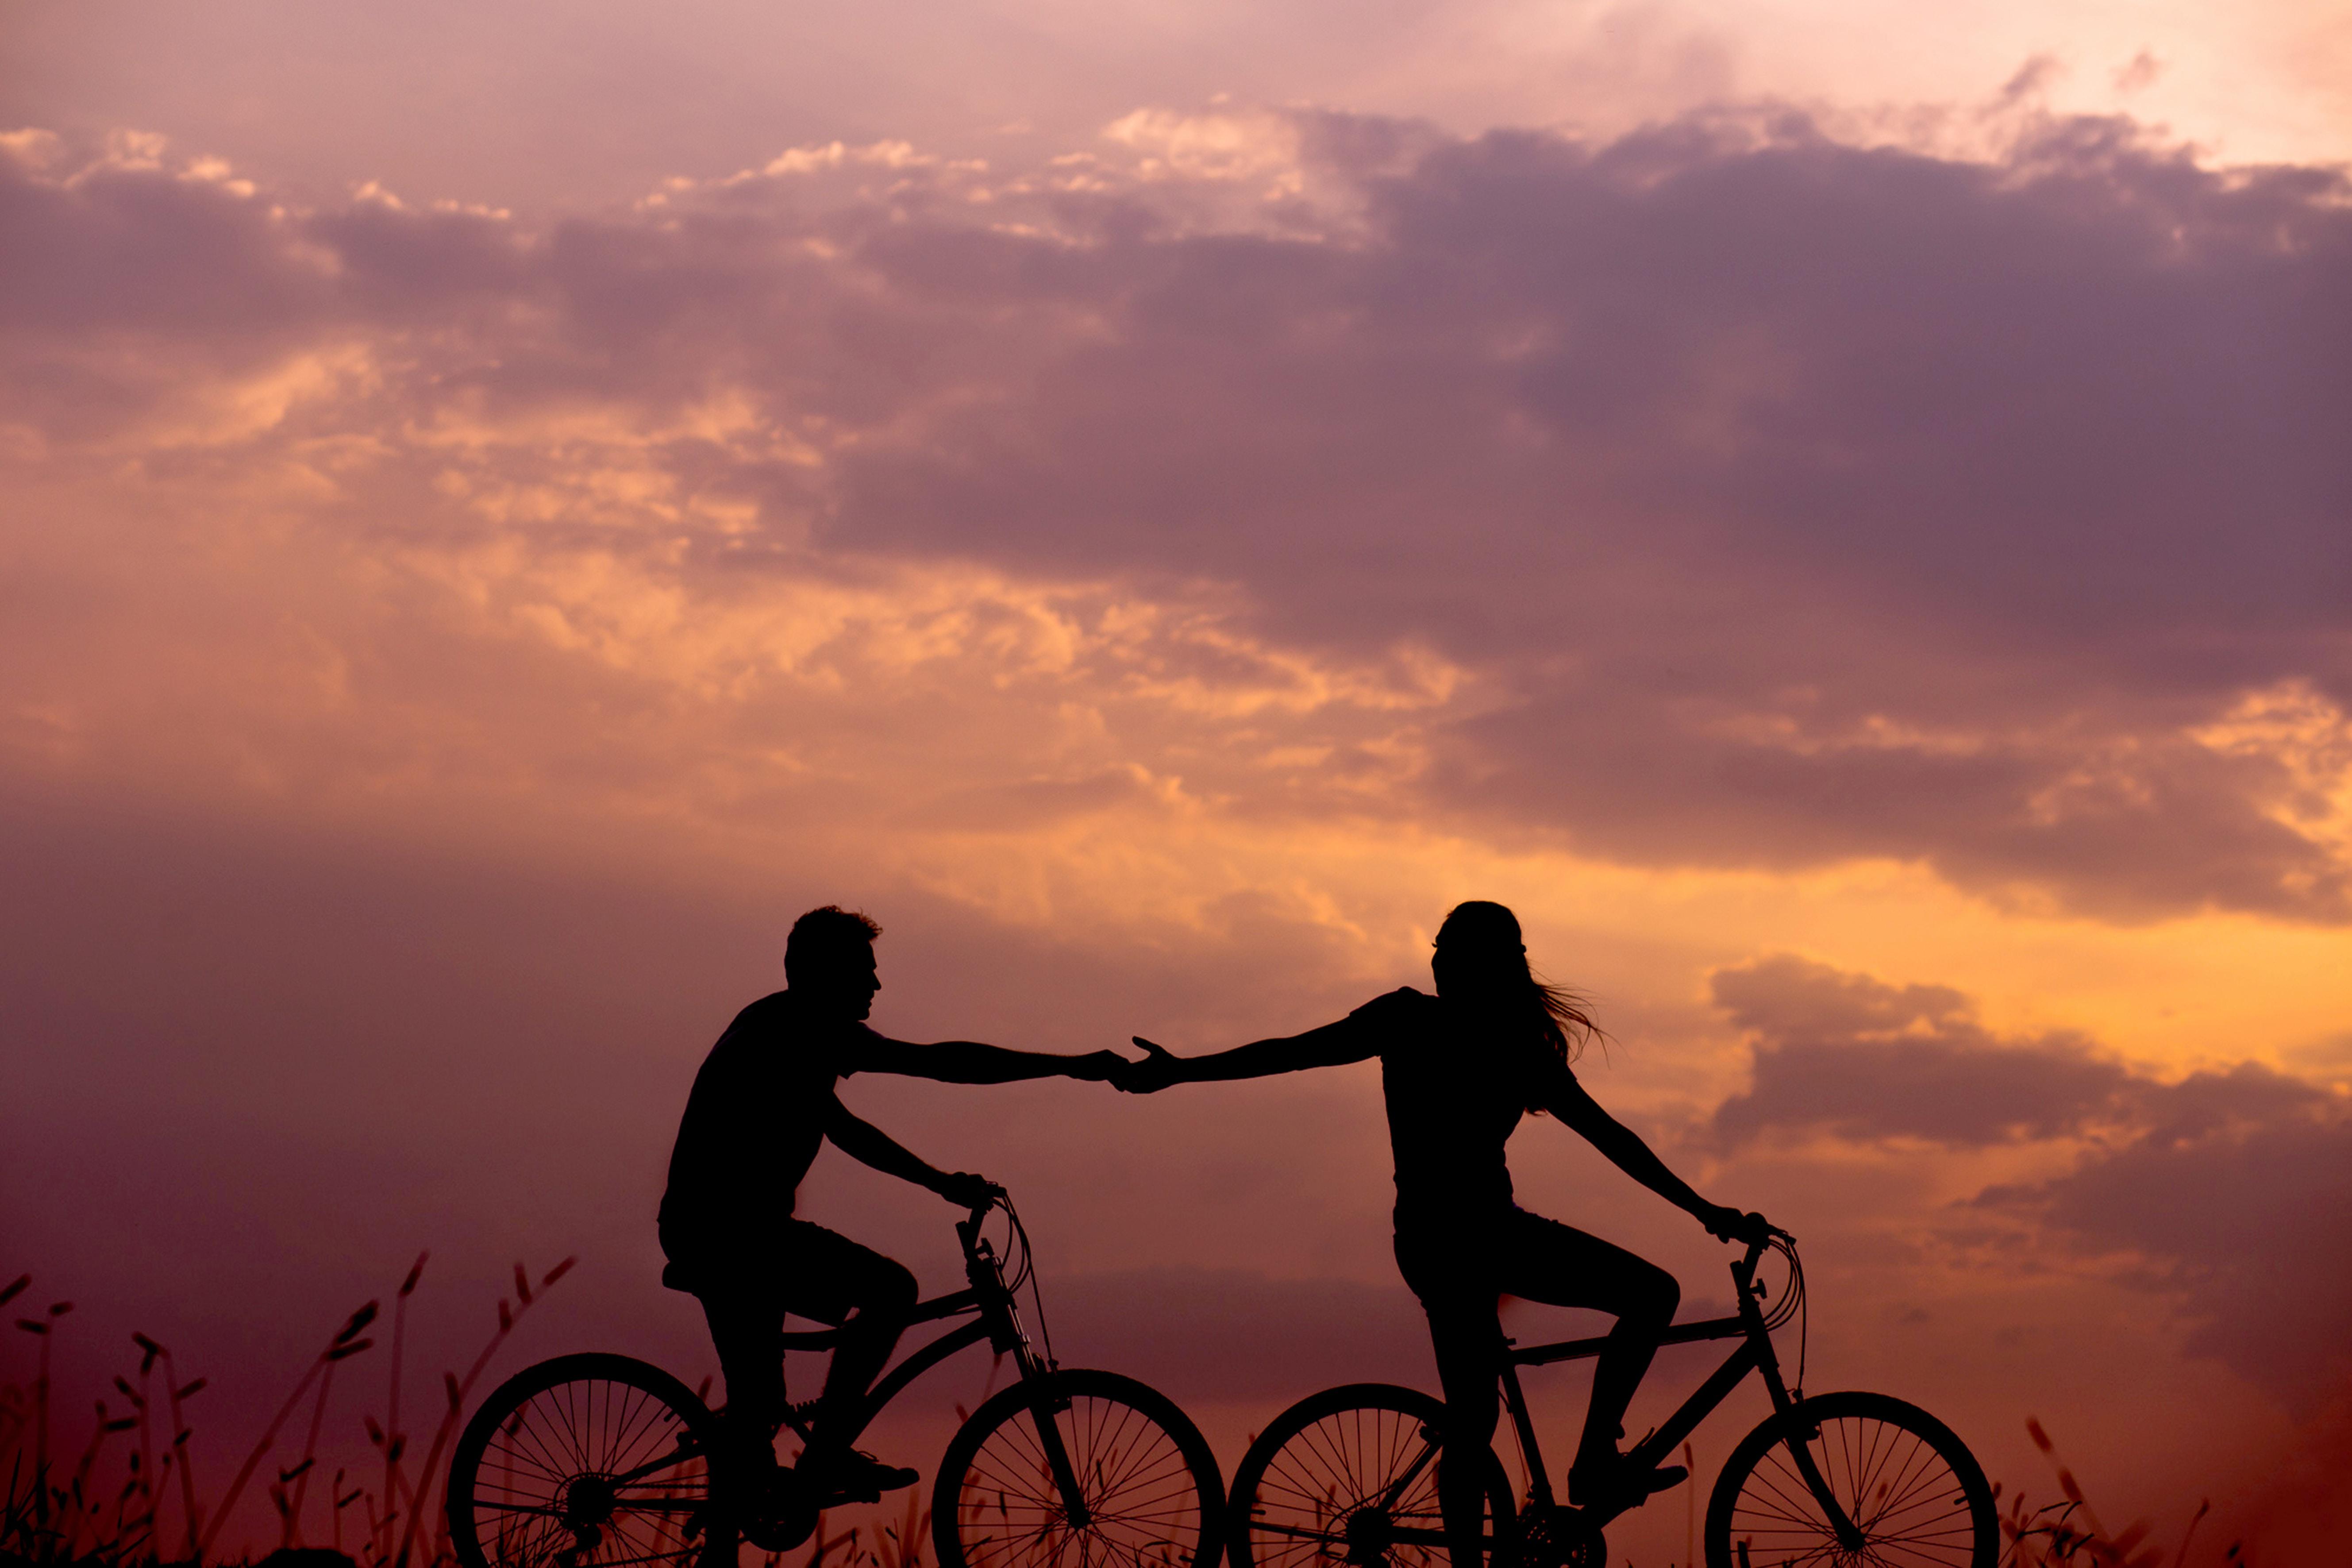 Pyöräilevien nuorten siluetit auringonlaskun värittämää maisemaa vasten. He pitävät toisiaan kädestä.